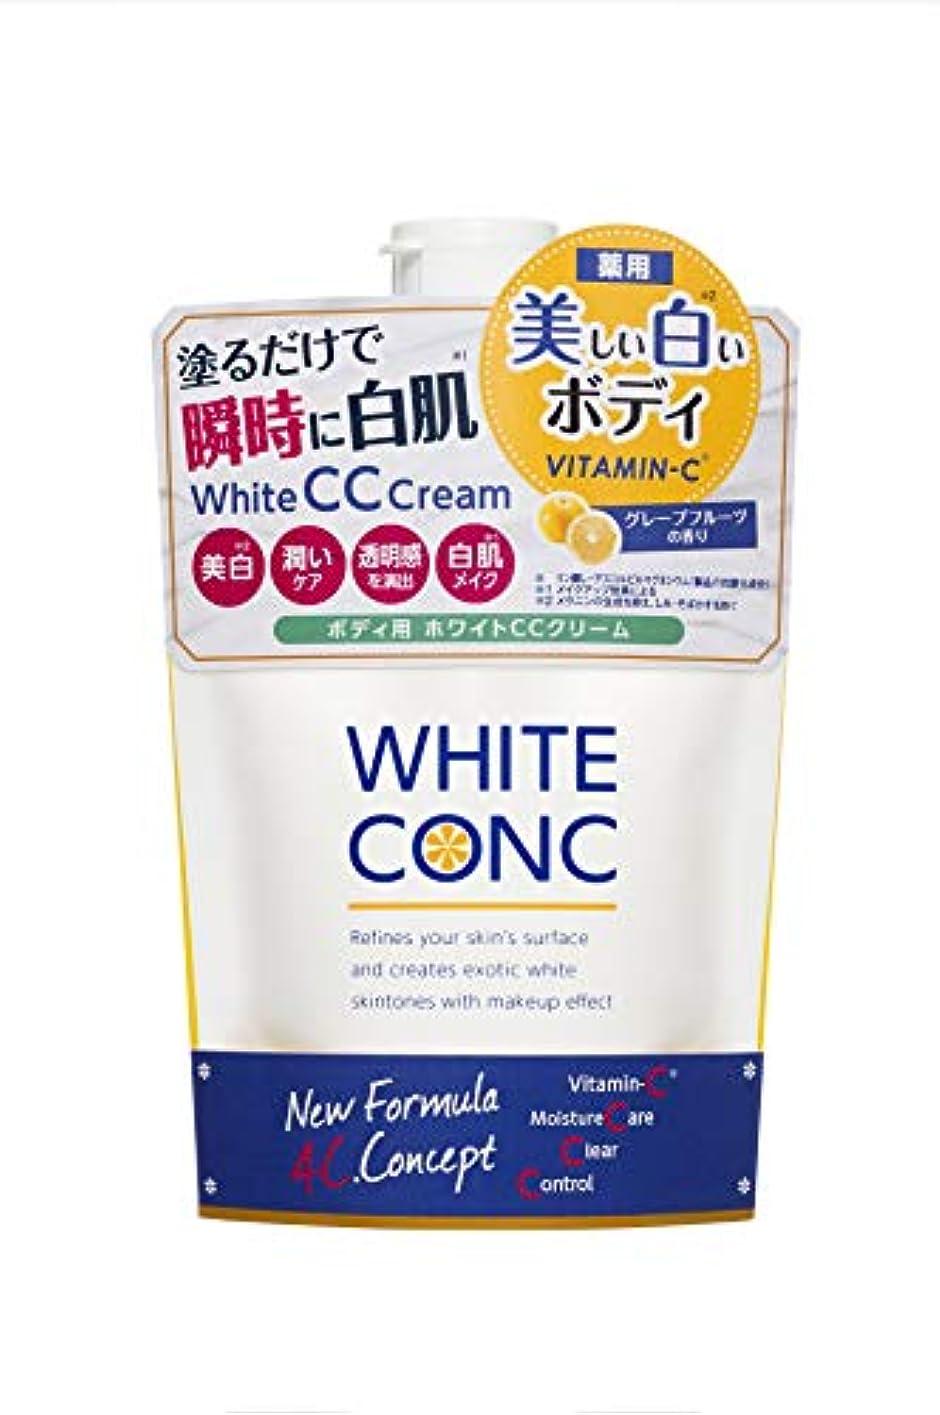 起こる蒸気ガラス薬用ホワイトコンク ホワイトニングCCクリーム CII 200g